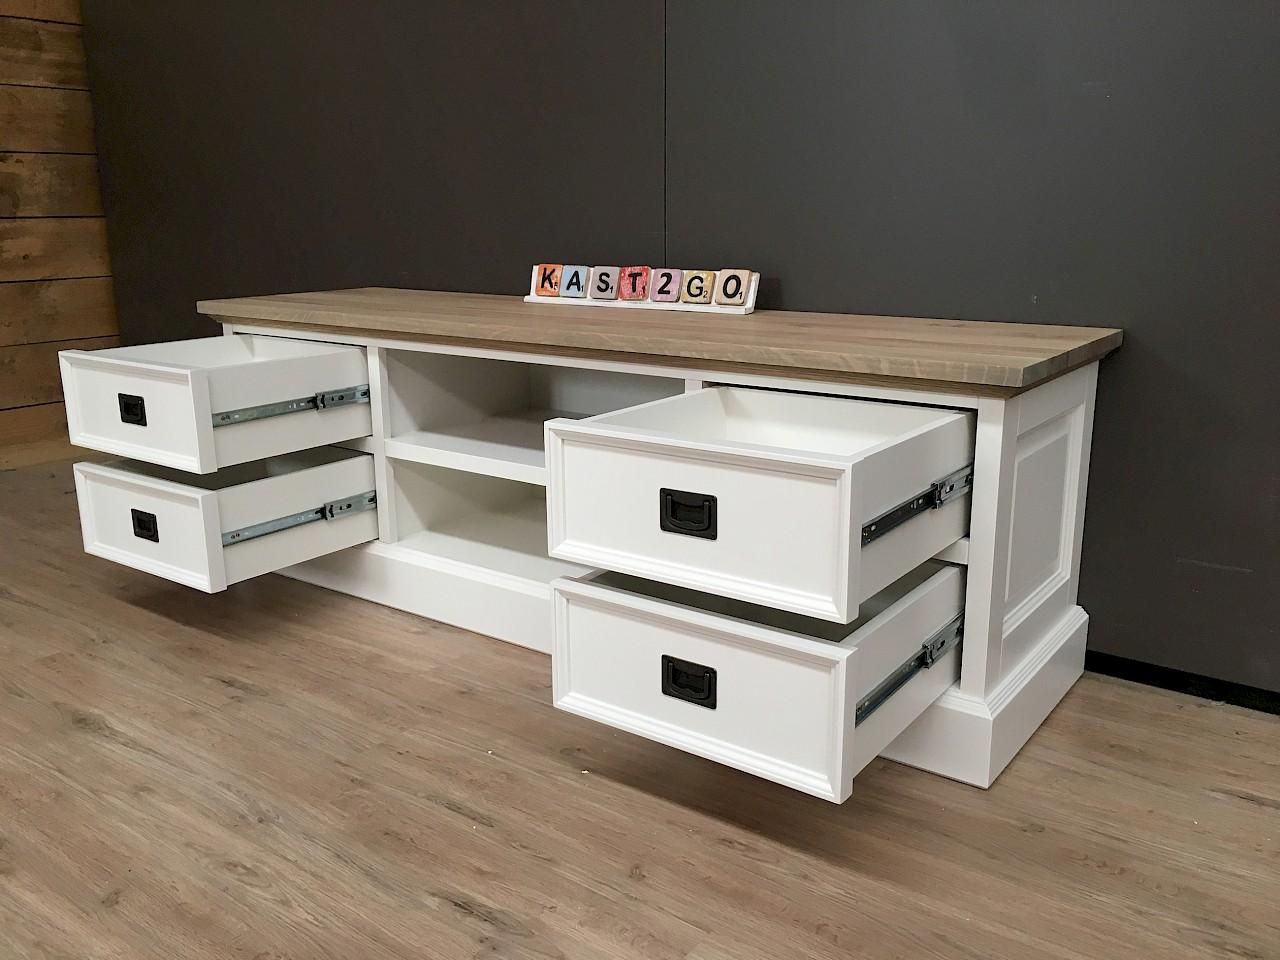 Gerookt Eiken Meubels : Tv meubel finn wit eiken 165 kast2go